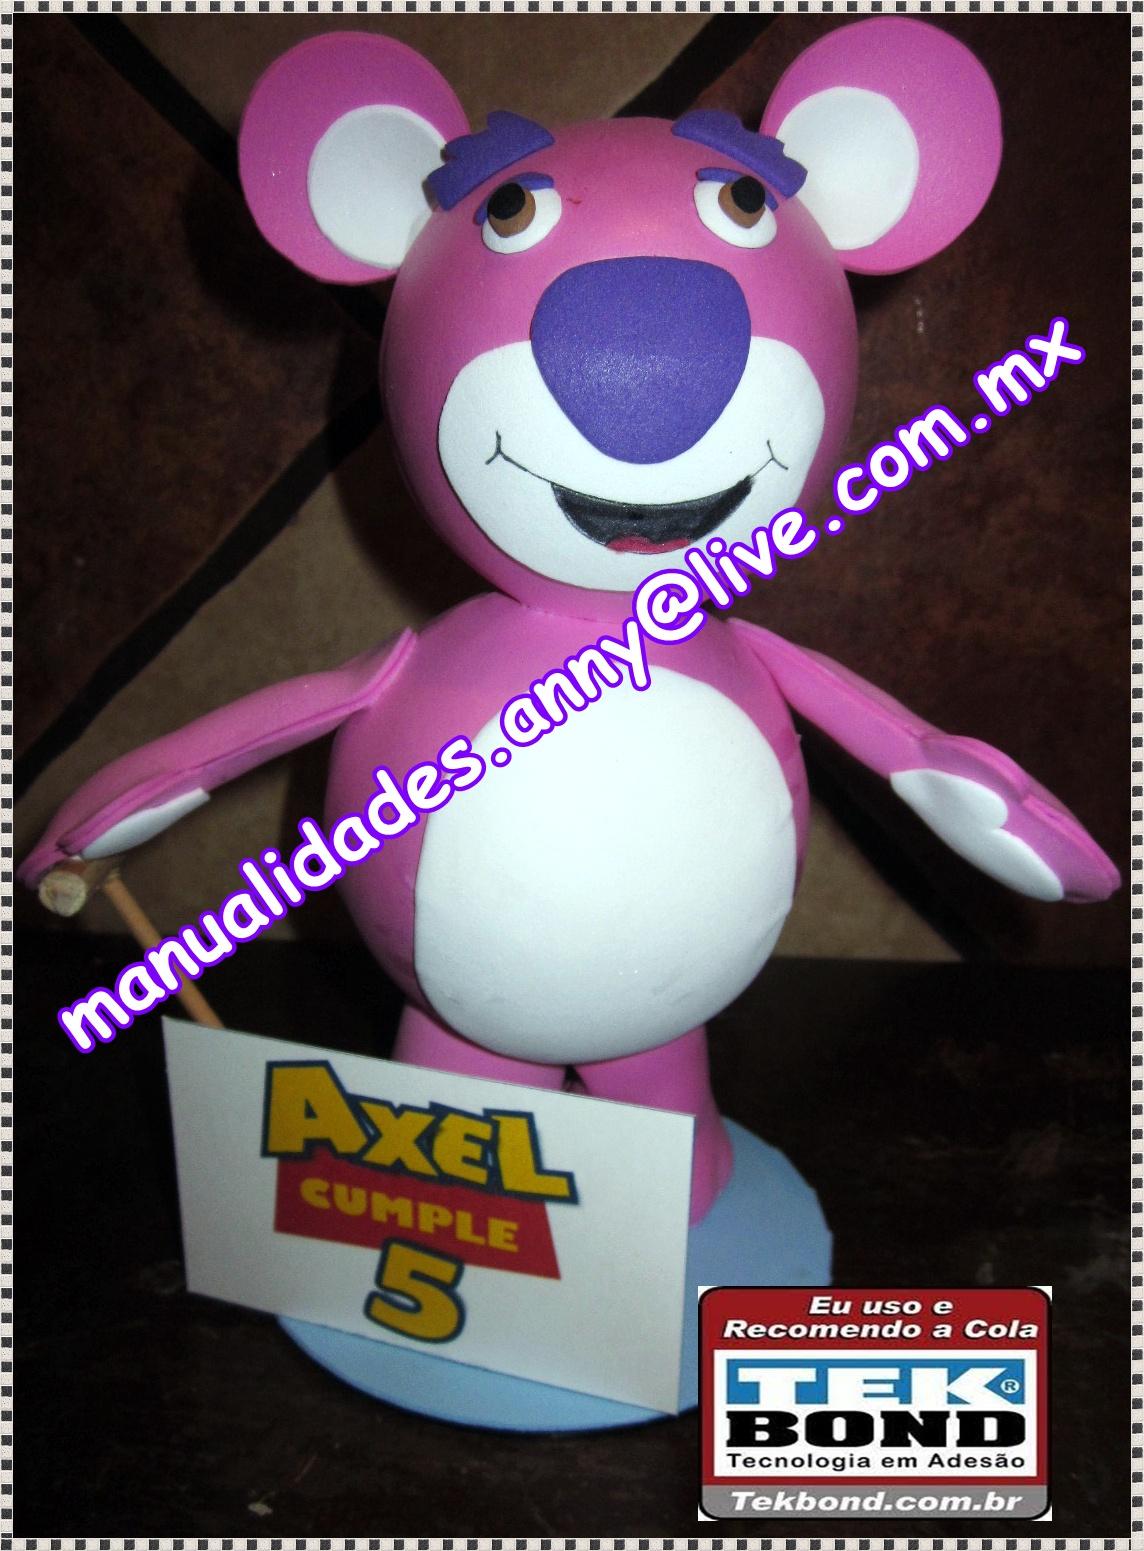 http://3.bp.blogspot.com/-KthsMPlCWAQ/Tu-YFTyTtdI/AAAAAAAANts/wMKHs5KqhCc/s1600/lots_toy.JPG